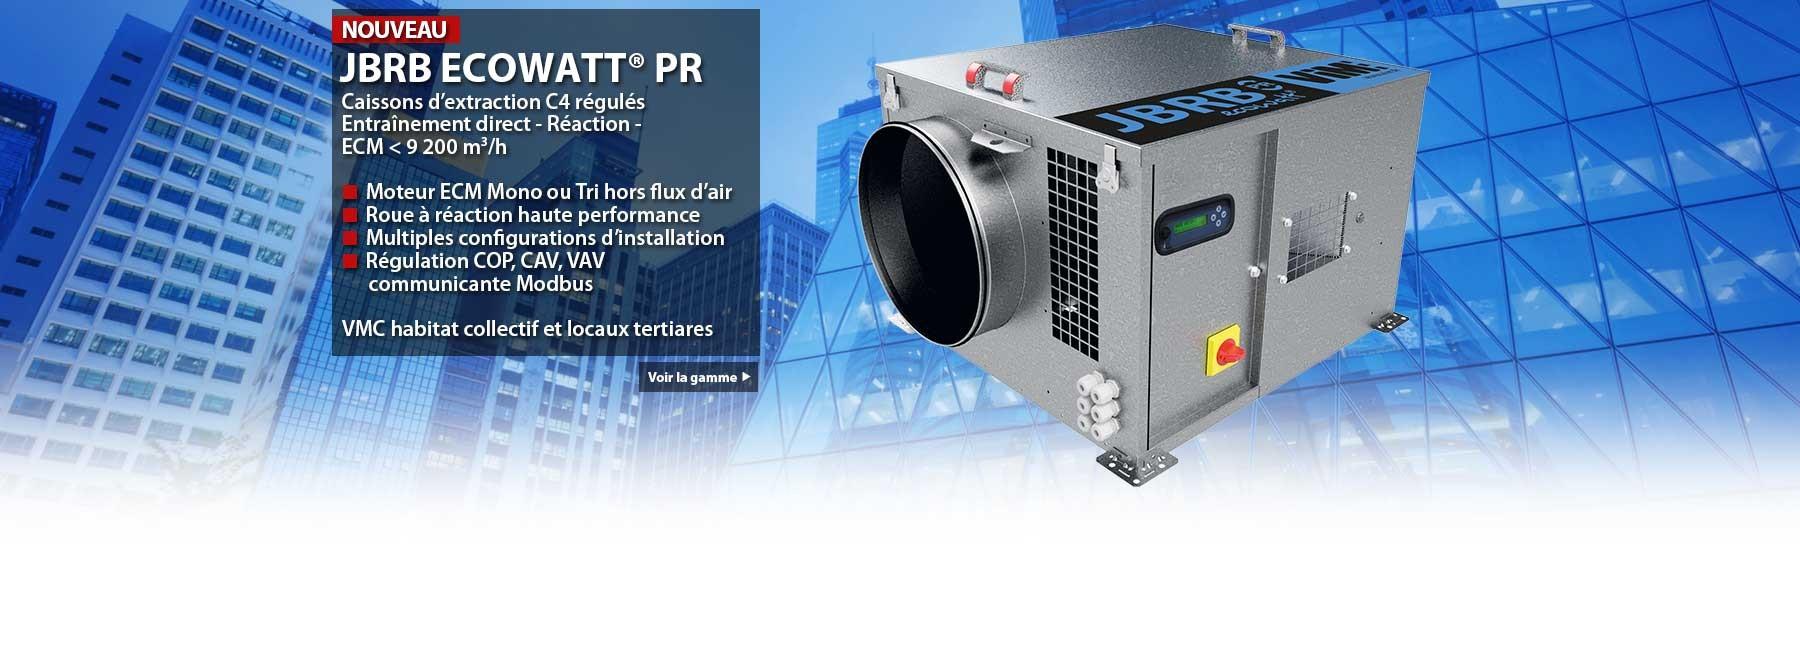 JBRB ECOWATT® PR Caissons d'extraction C4 régulés Entraînement direct - Réaction - ECM < 9 200 m3/h